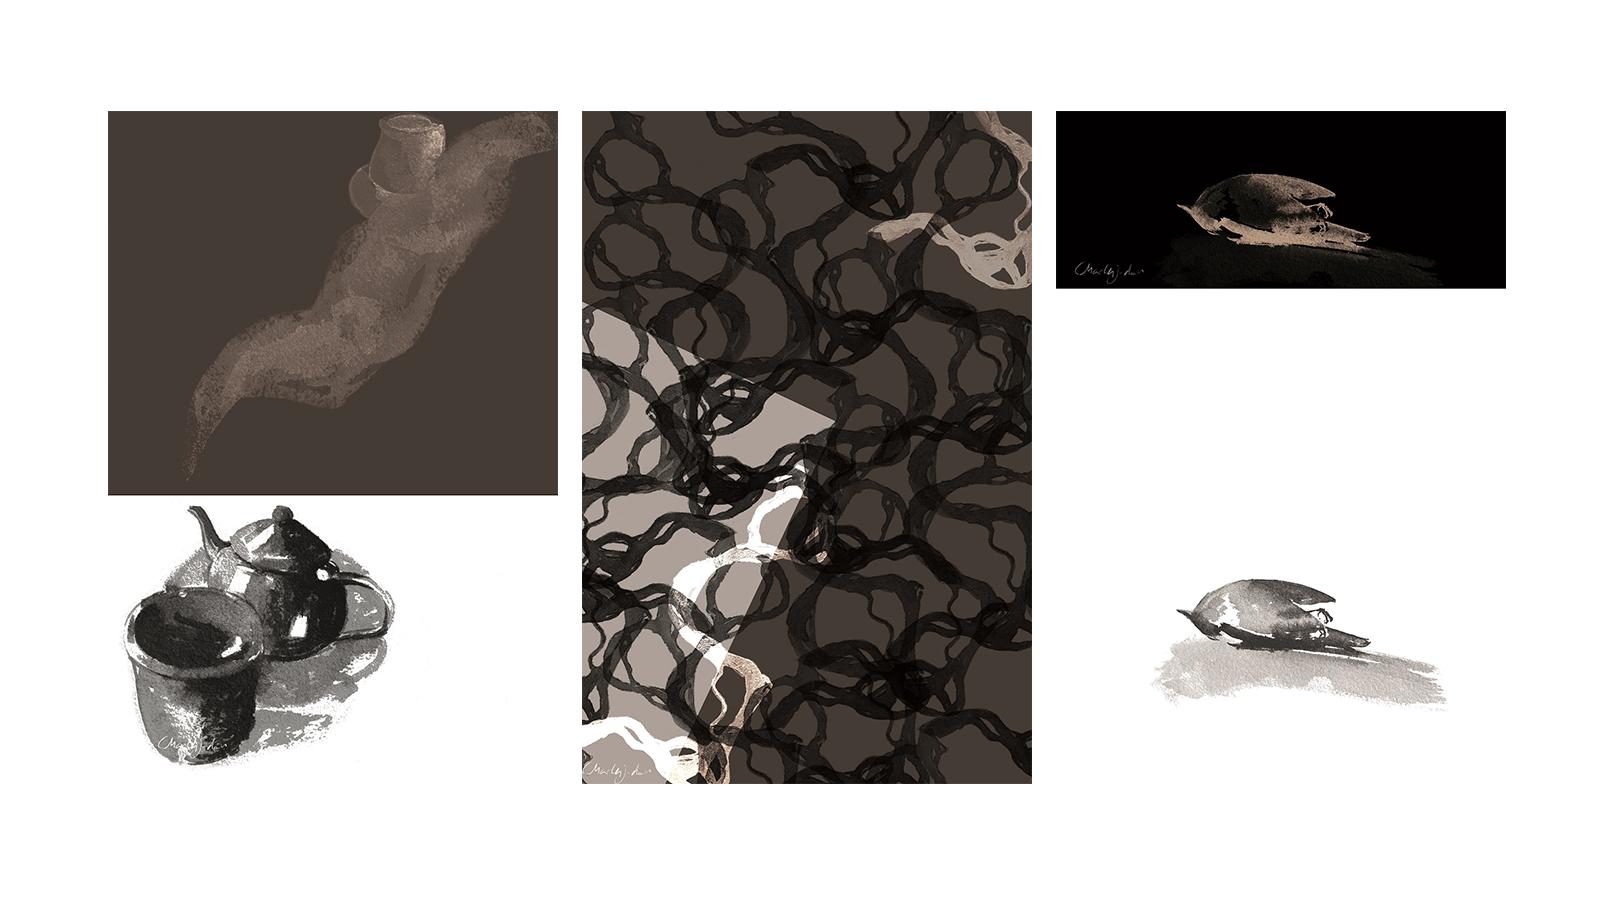 composición con algunas de las ilustraciones revisadas